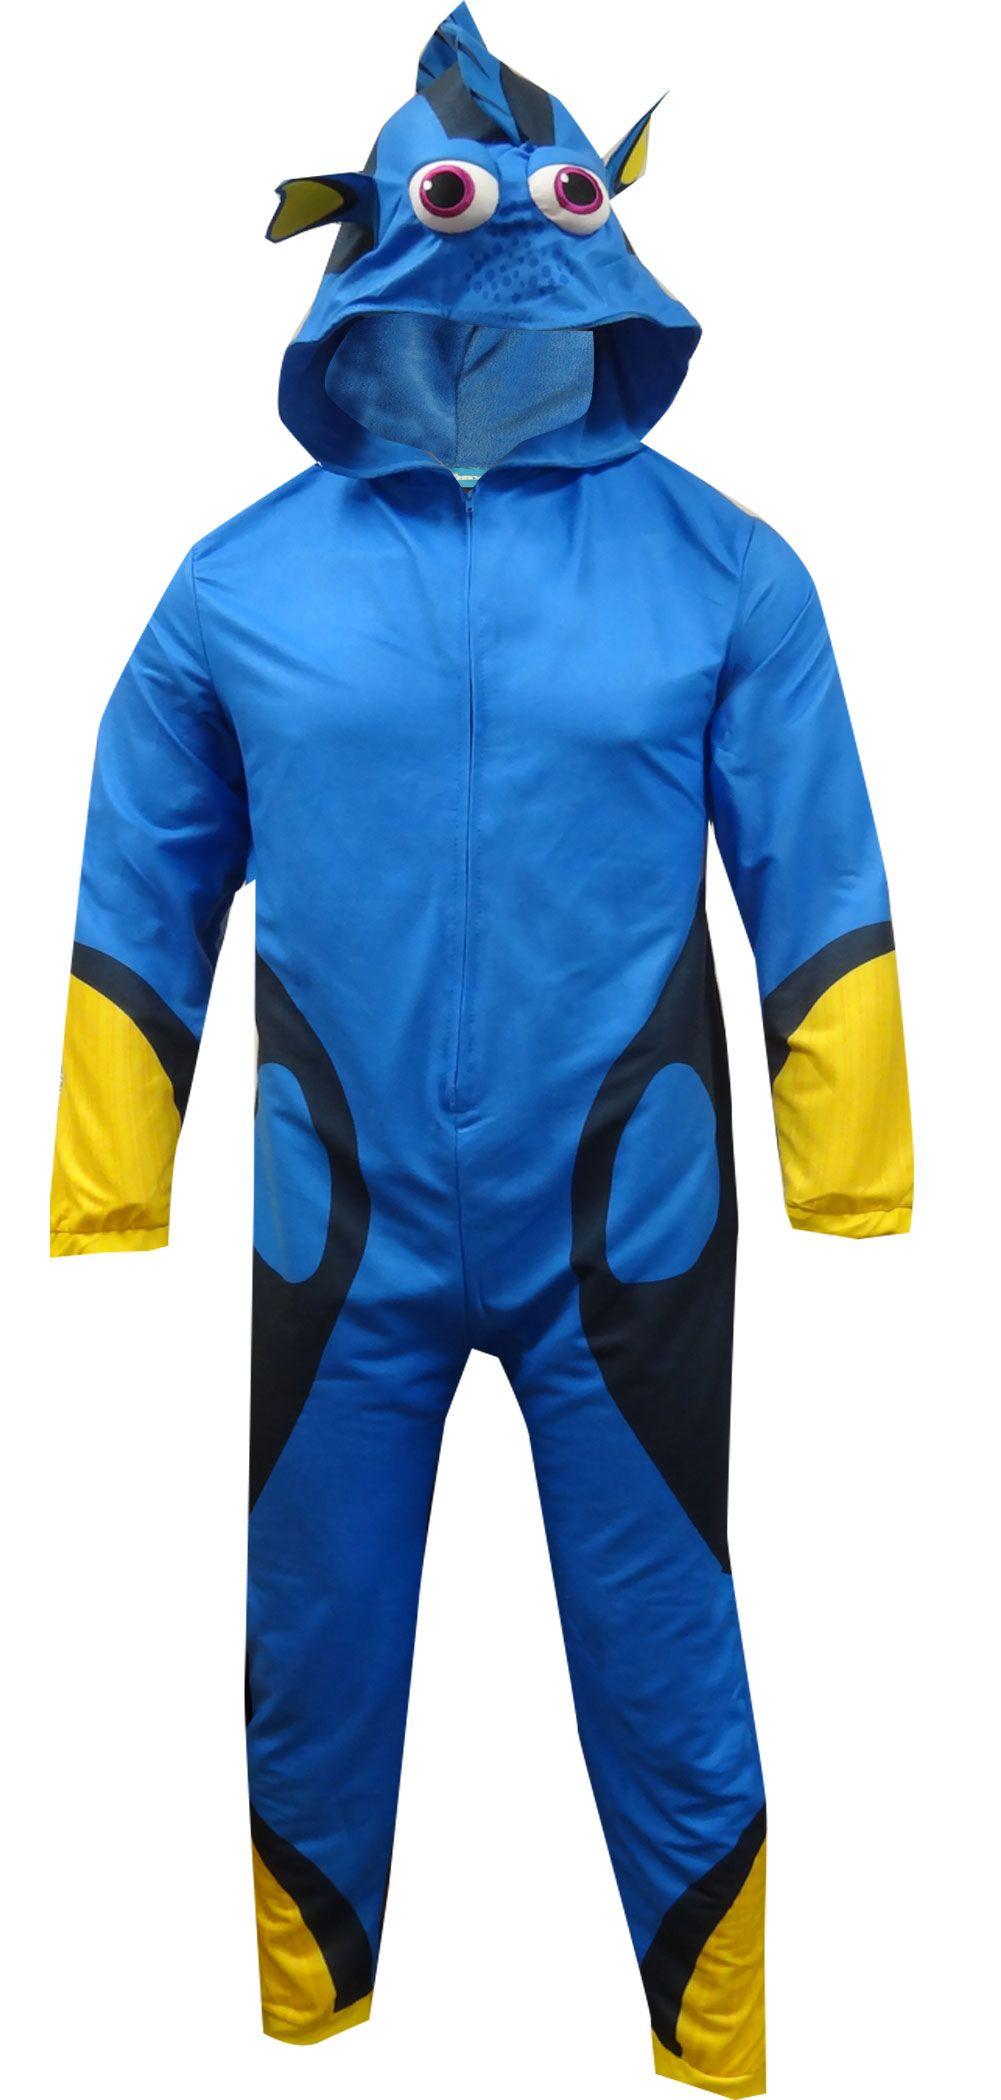 WebUndies.com Finding Dory Onesie Union Suit Pajama 78a60424a